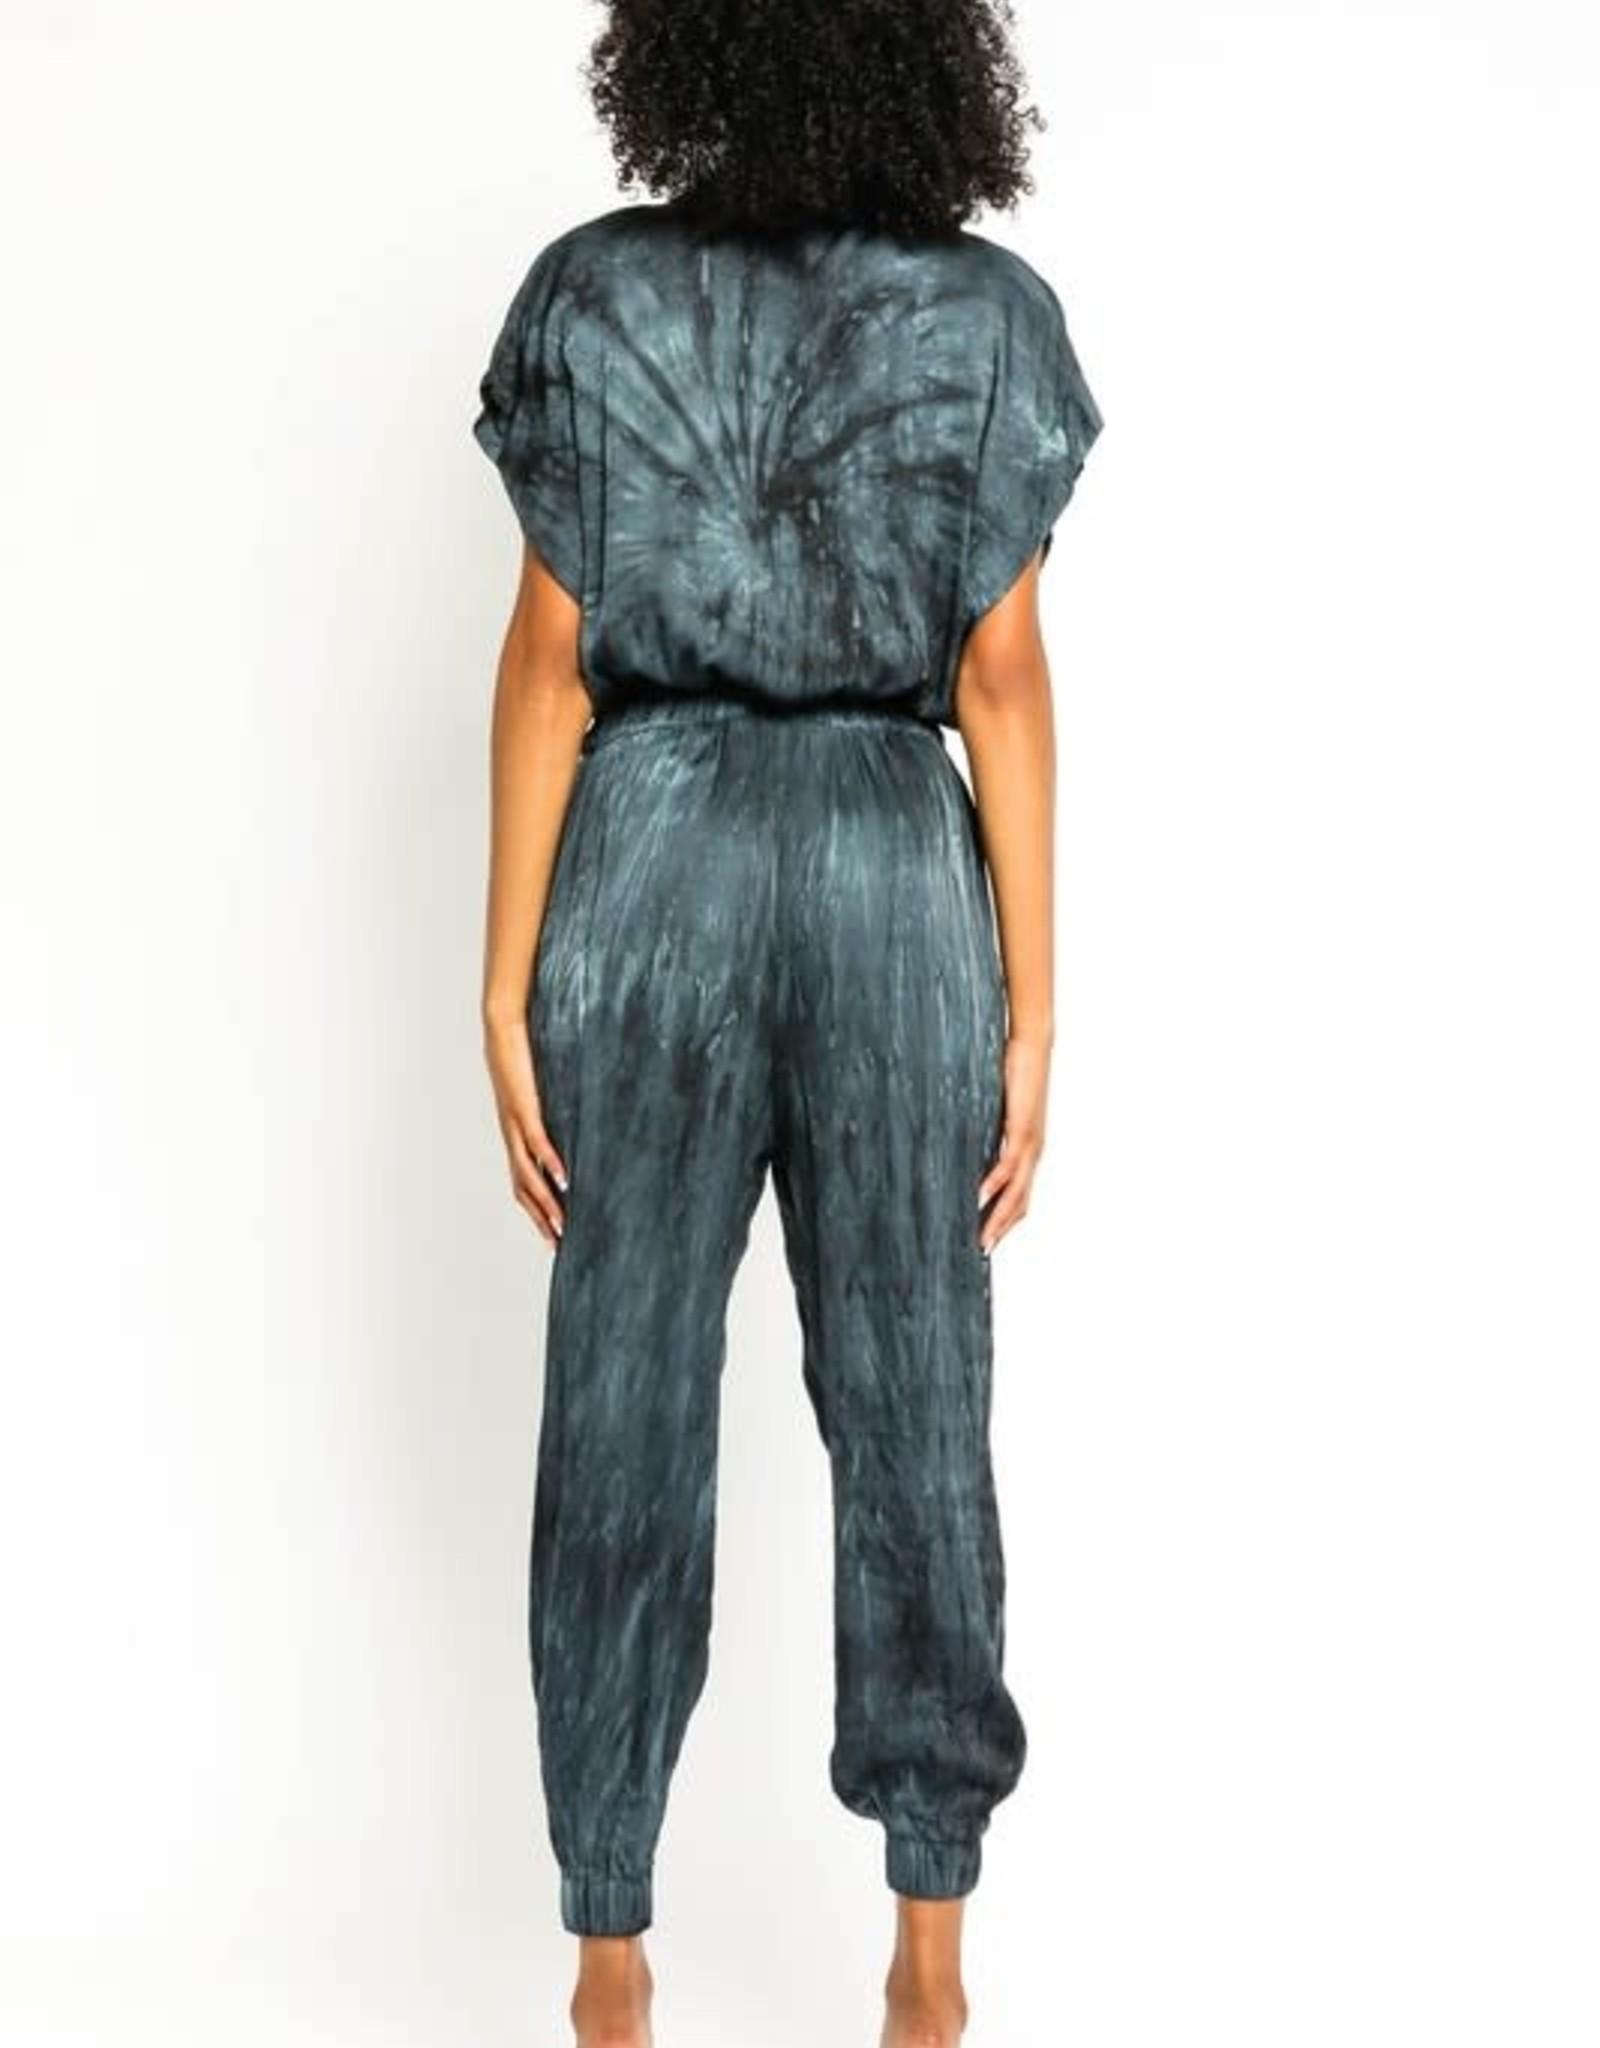 Olivaceous Navy Satin Tie Dye Jumpsuit